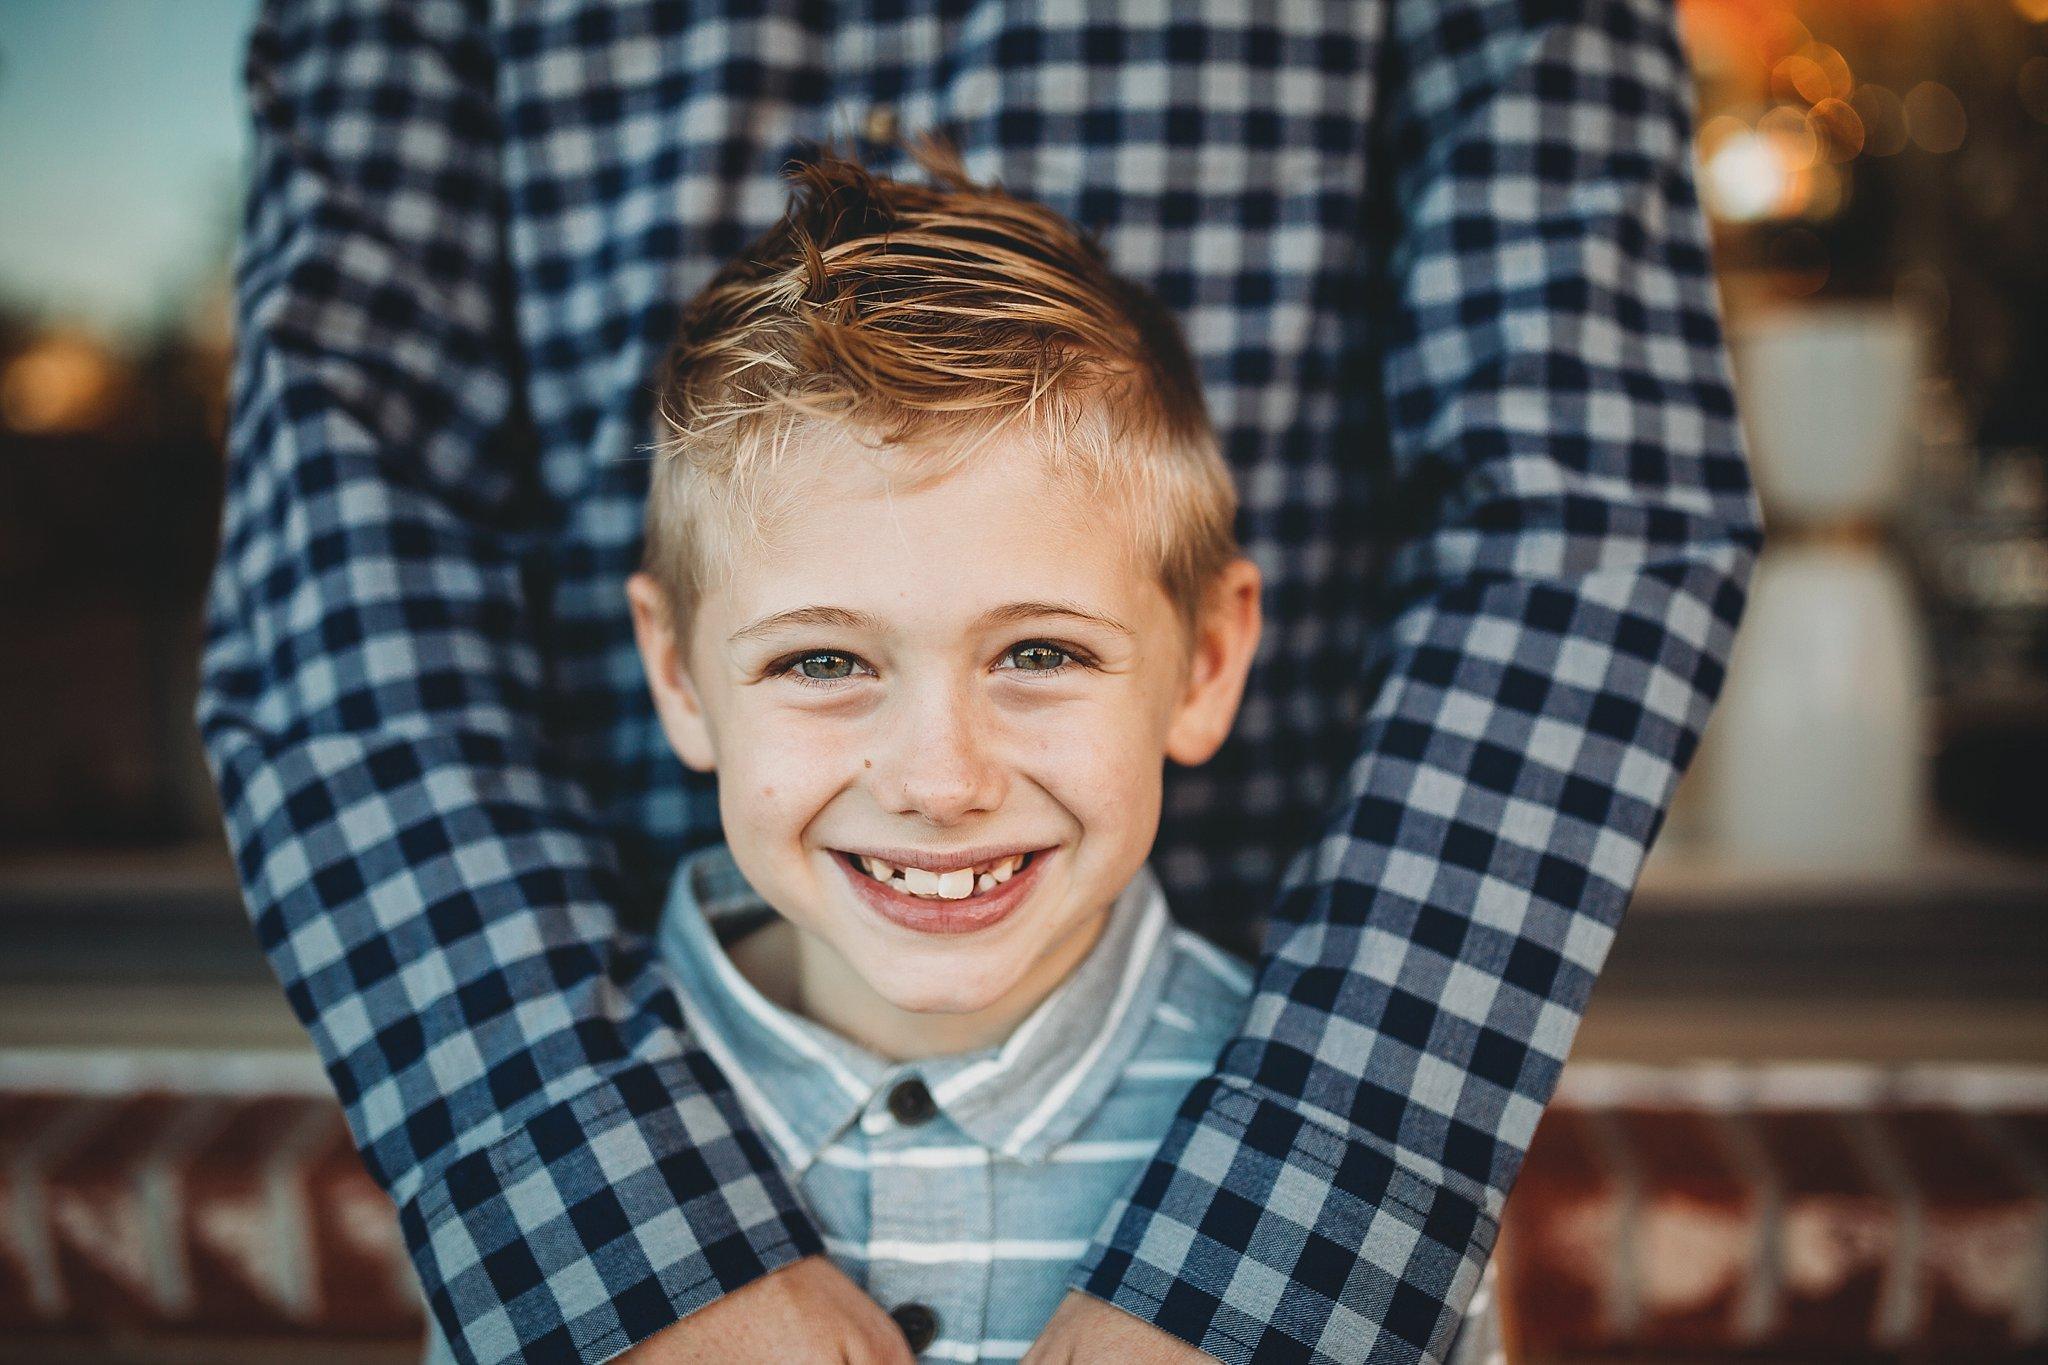 familyphotographer2.jpg